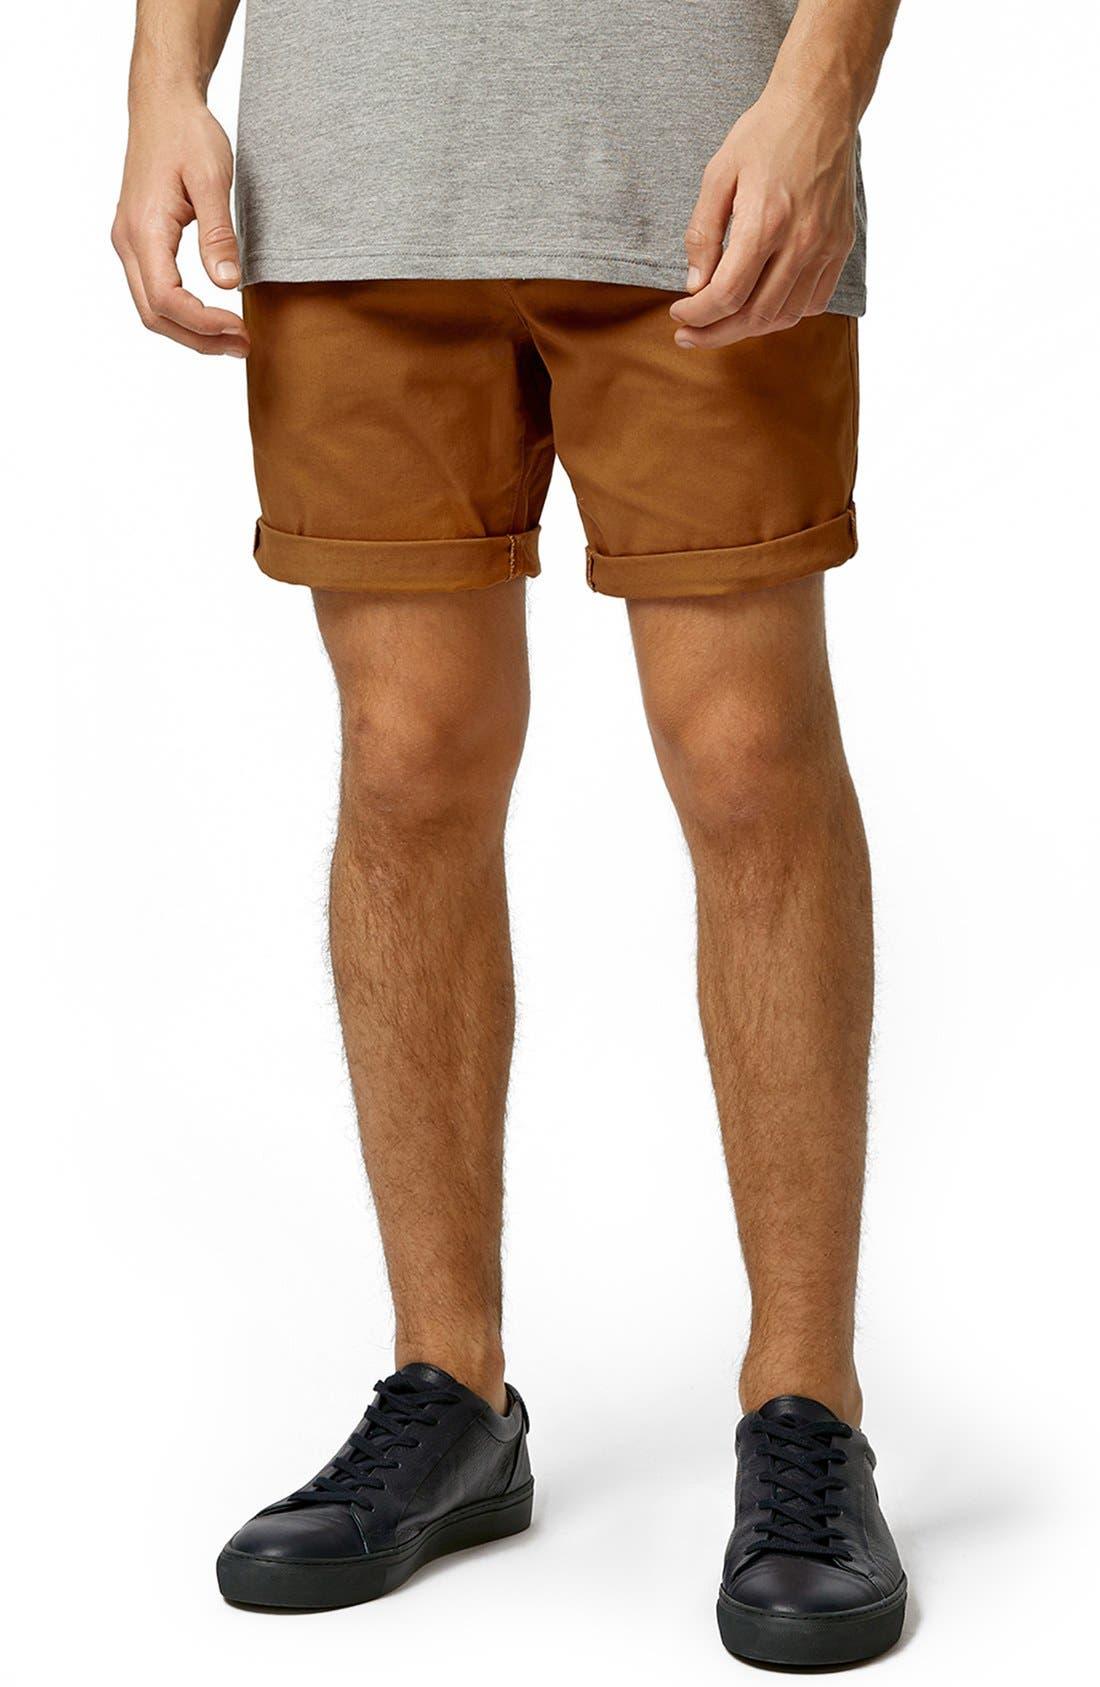 Chino Shorts,                             Main thumbnail 1, color,                             700